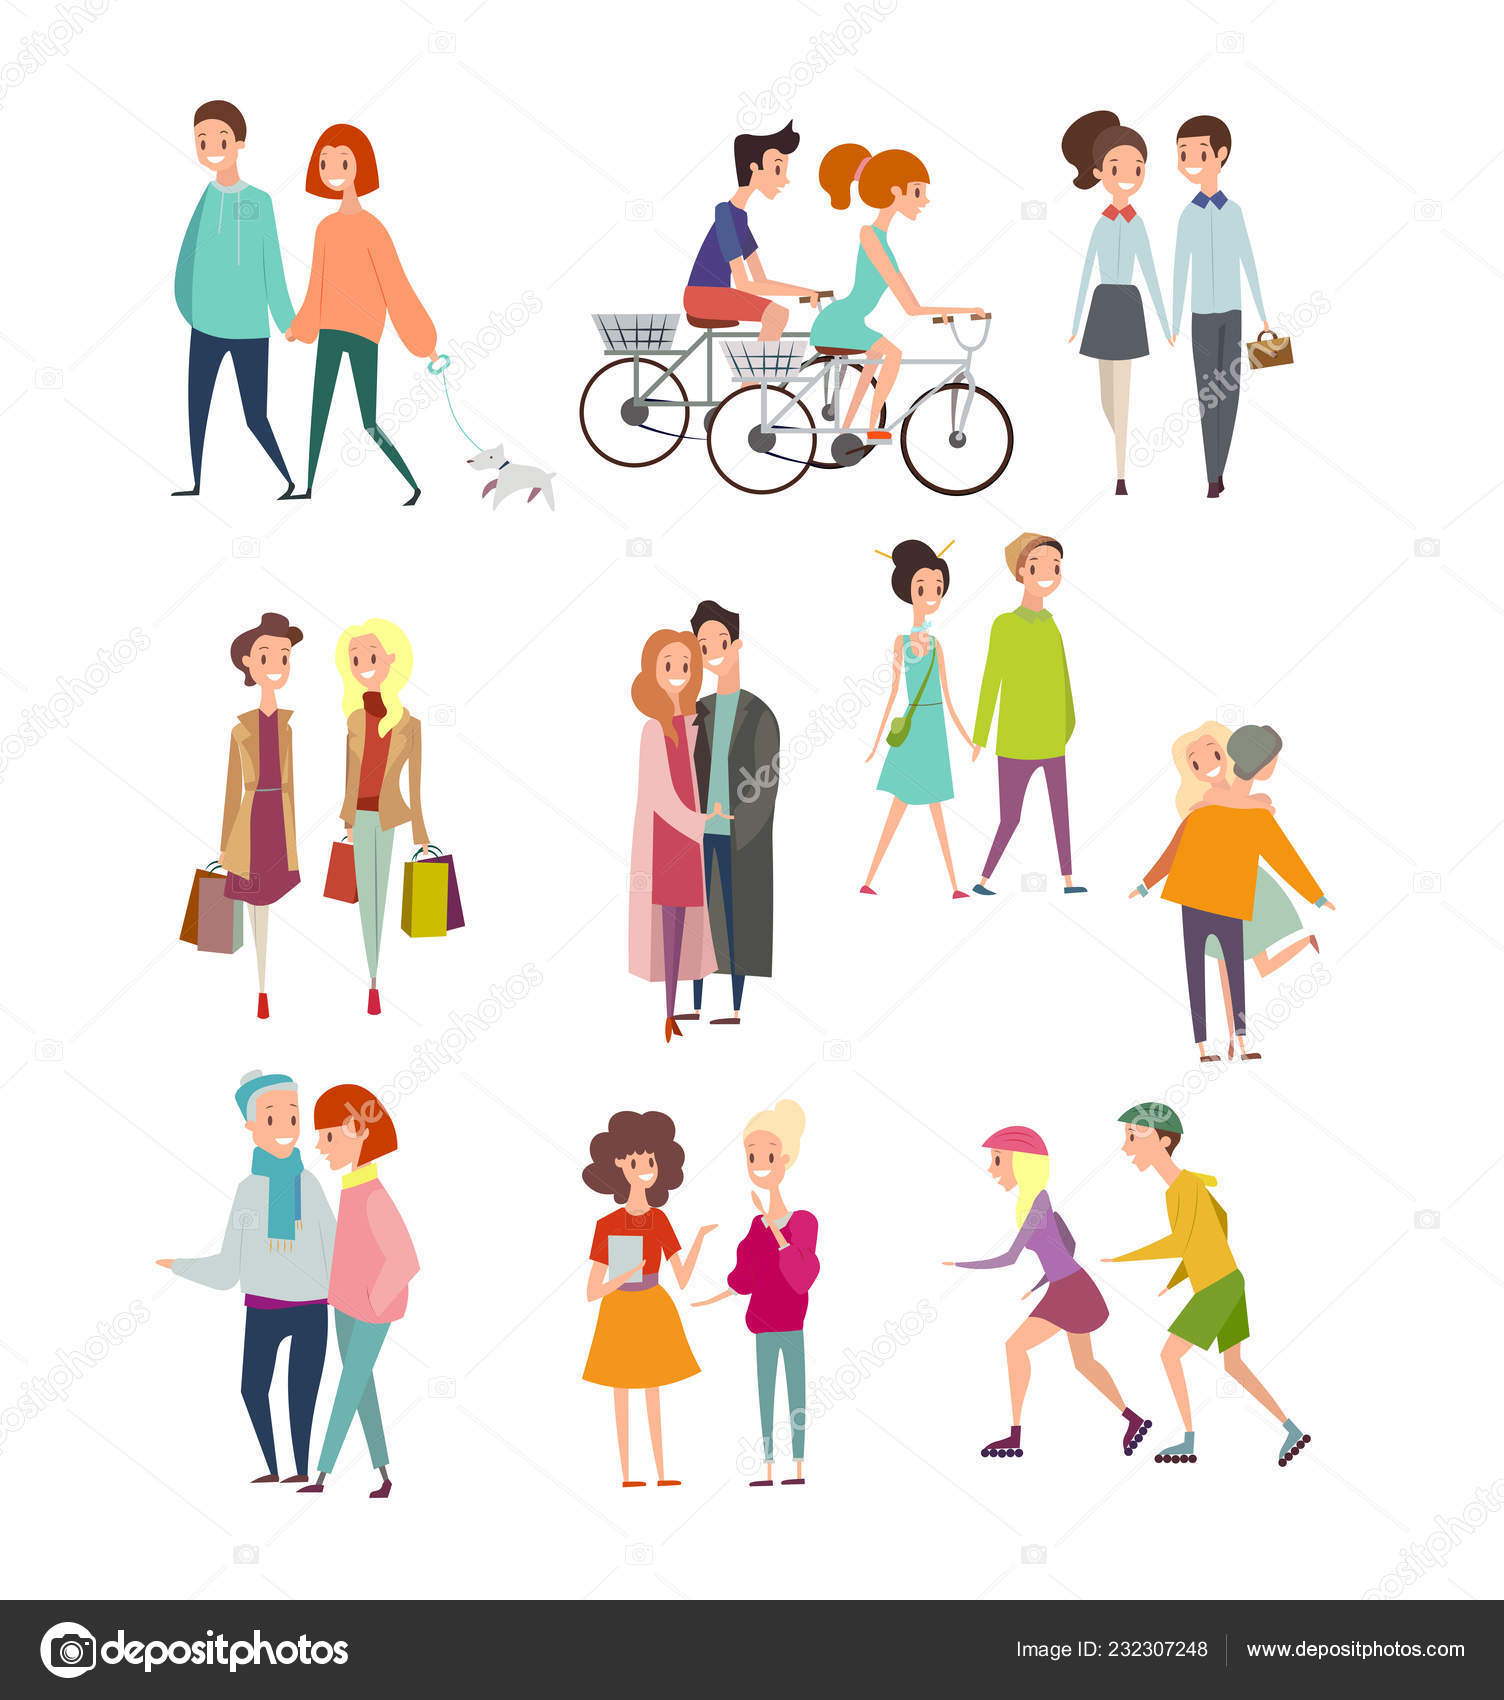 歩行や立っている人々 は日カップル一緒に歩いて自転車に乗って